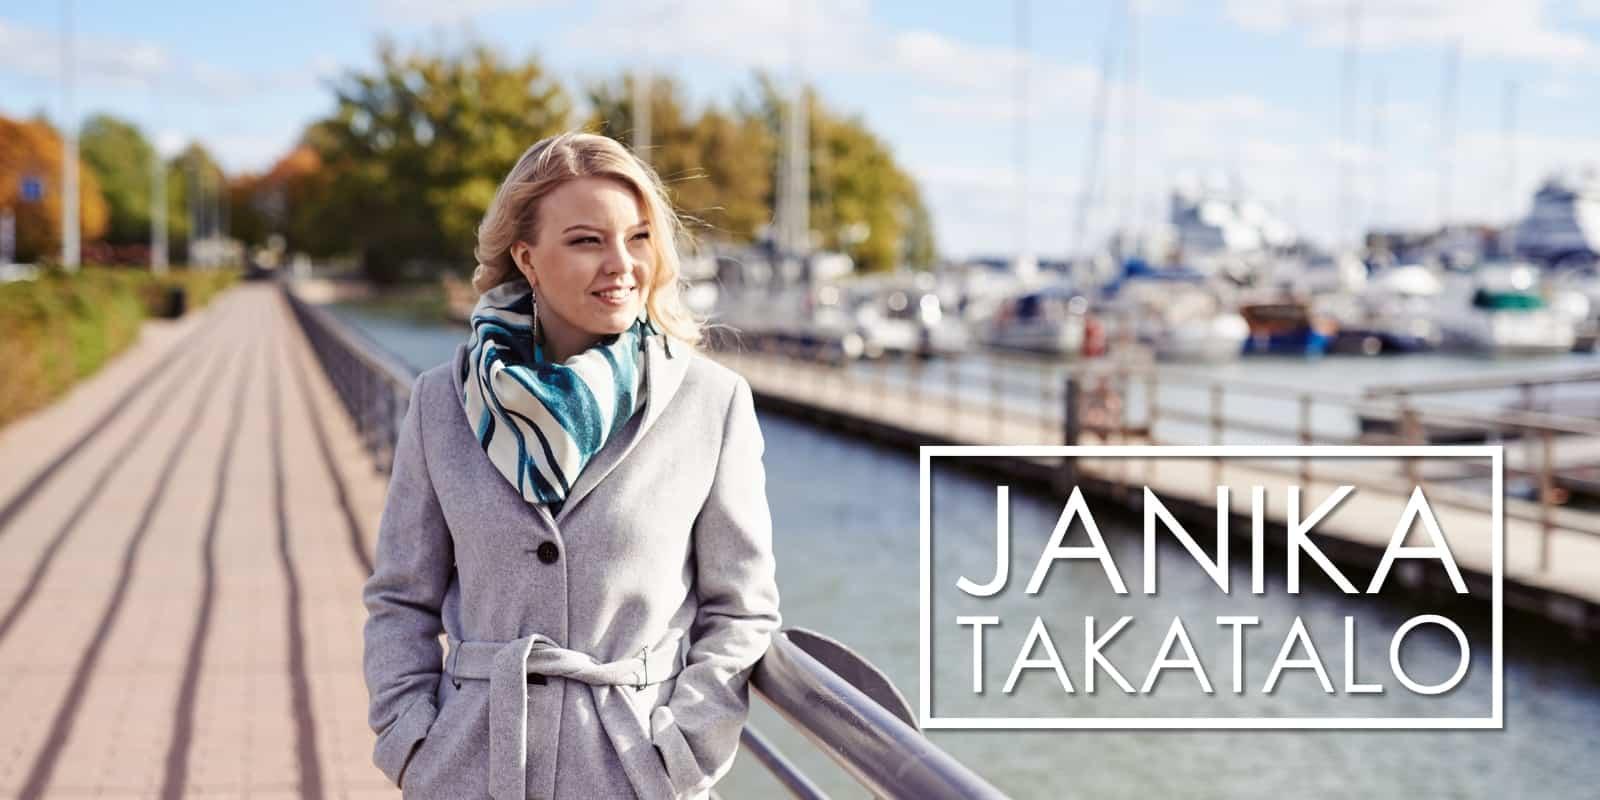 Ympäristö, ilmastonmuutos, Turku, ilmastovaalit, koulutusvaalit, Kokoomus, yrittäjä